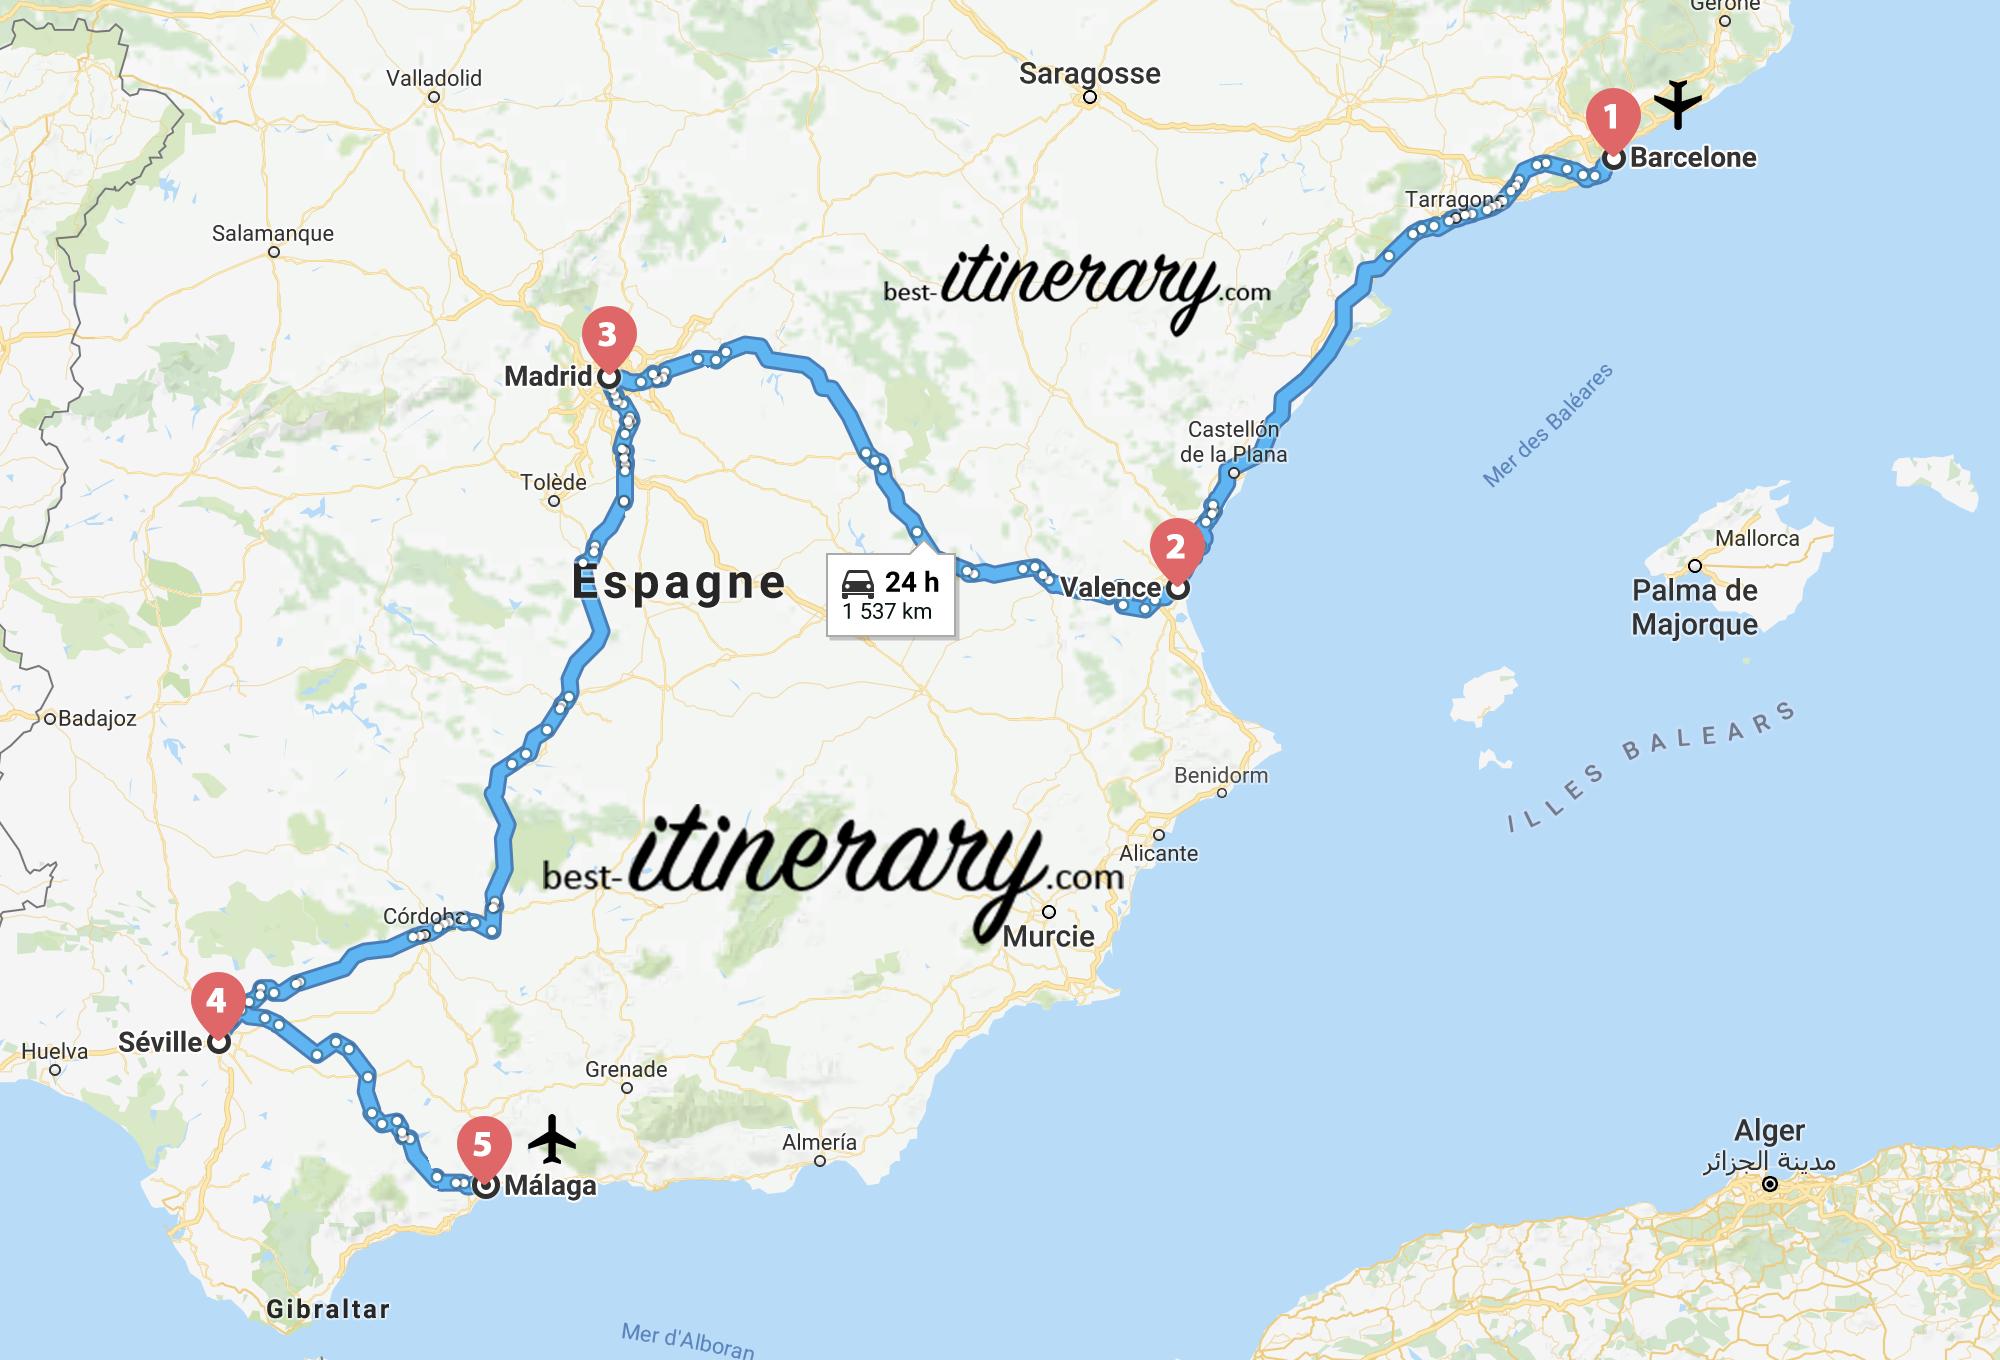 Carte De Lespagne Barcelone.Visiter L Espagne En 12 Jours Best Itinerary